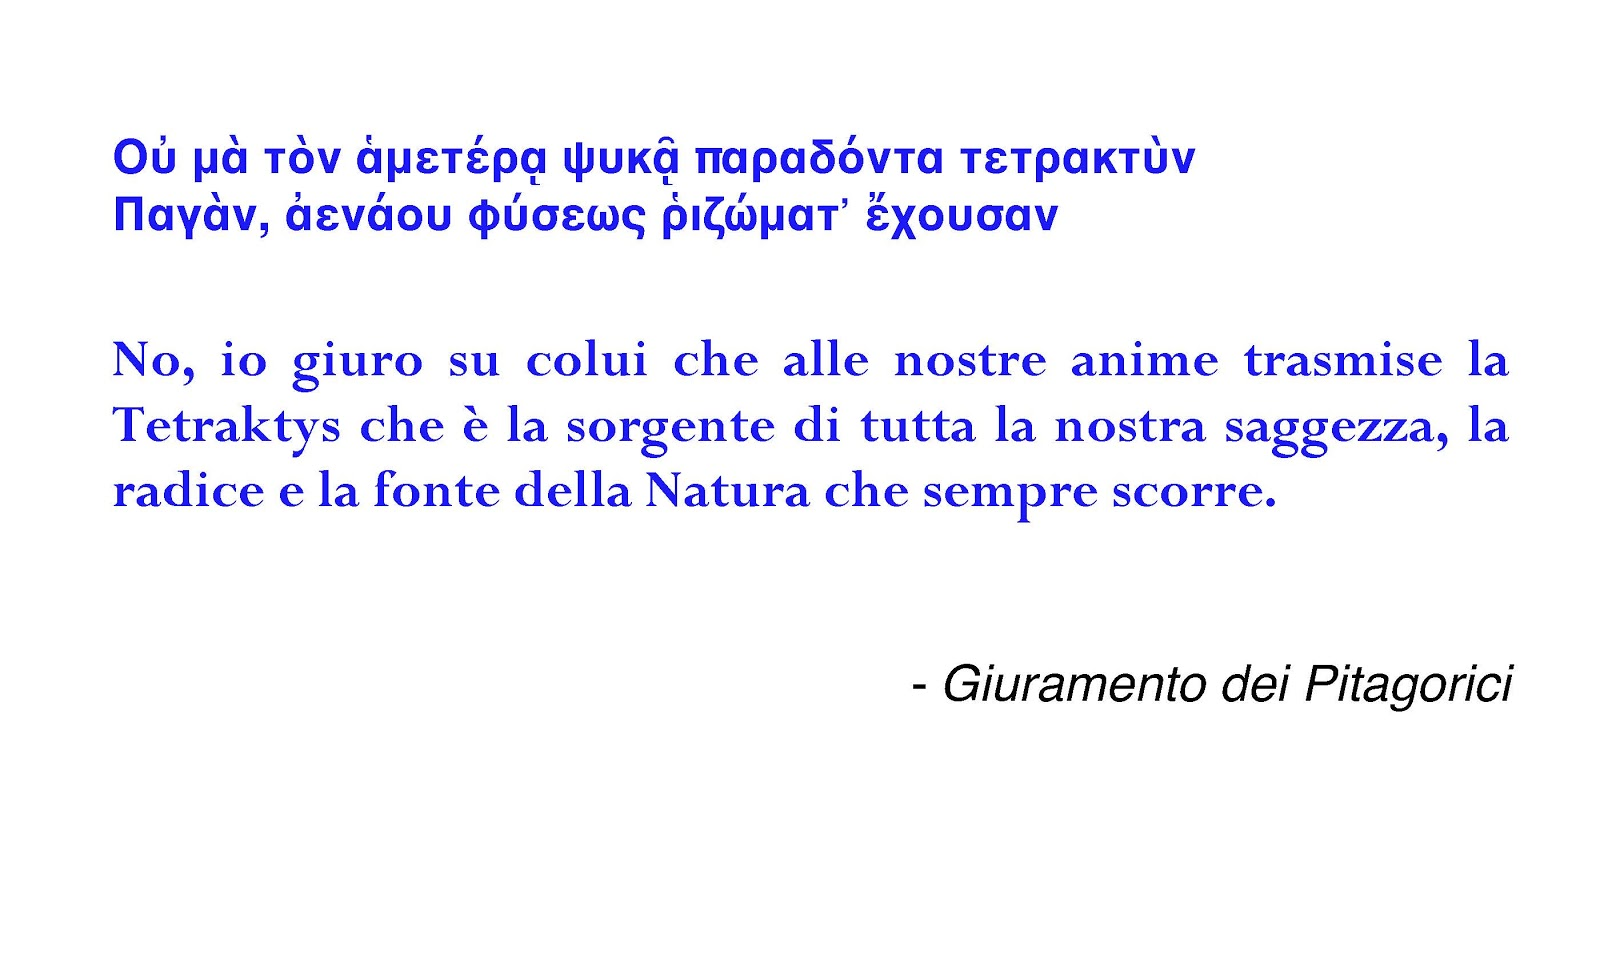 frasi in greco antico sulla vita